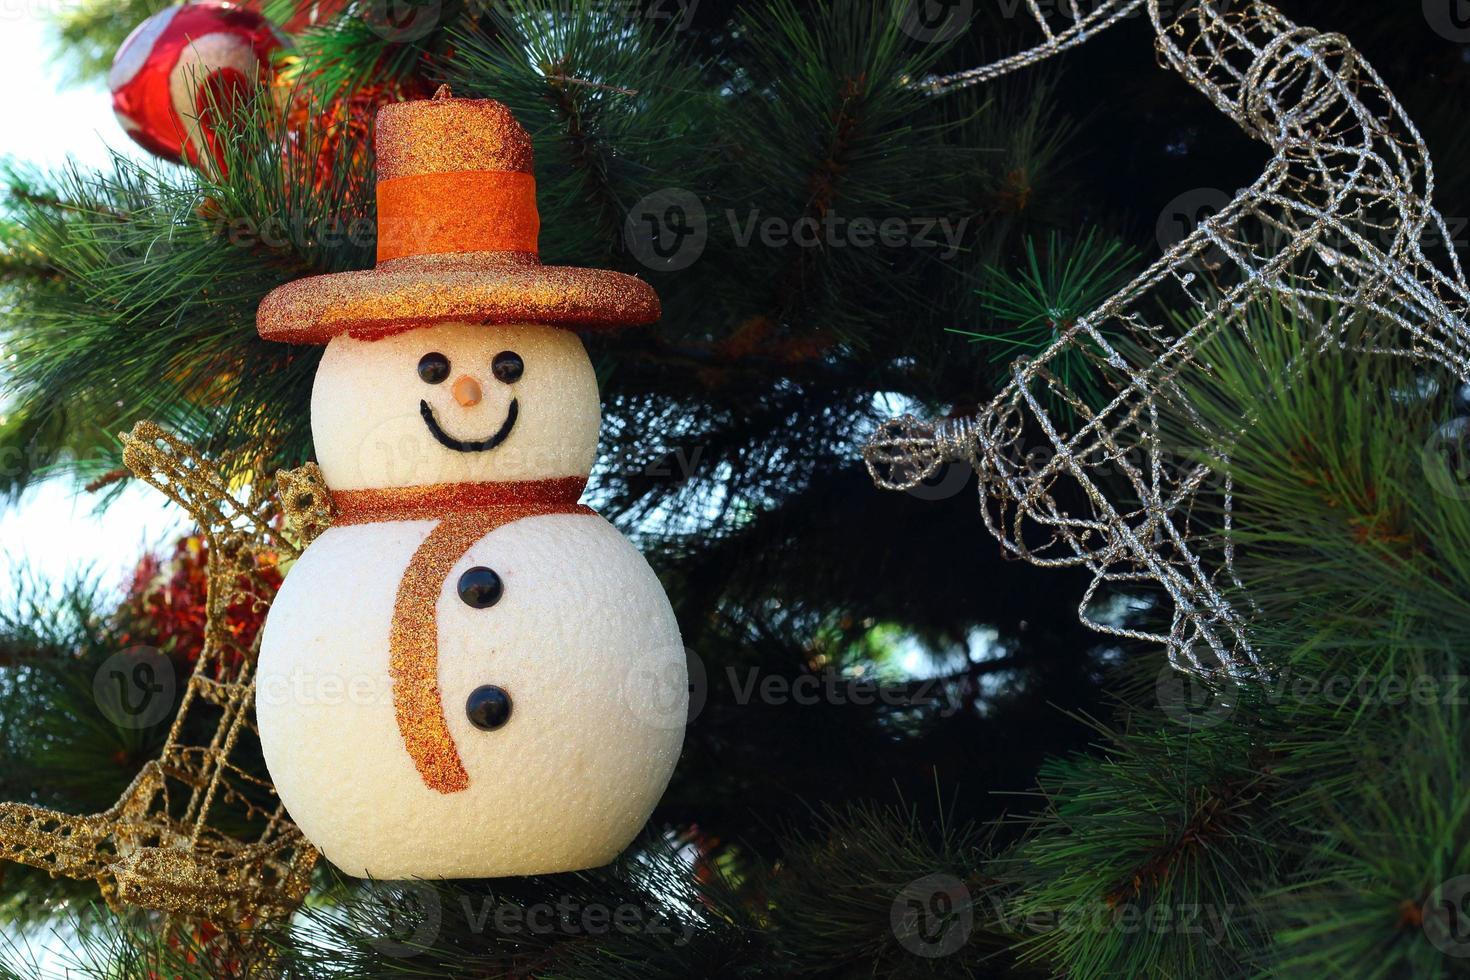 Schneemann, der am Weihnachtsbaum hängt. foto